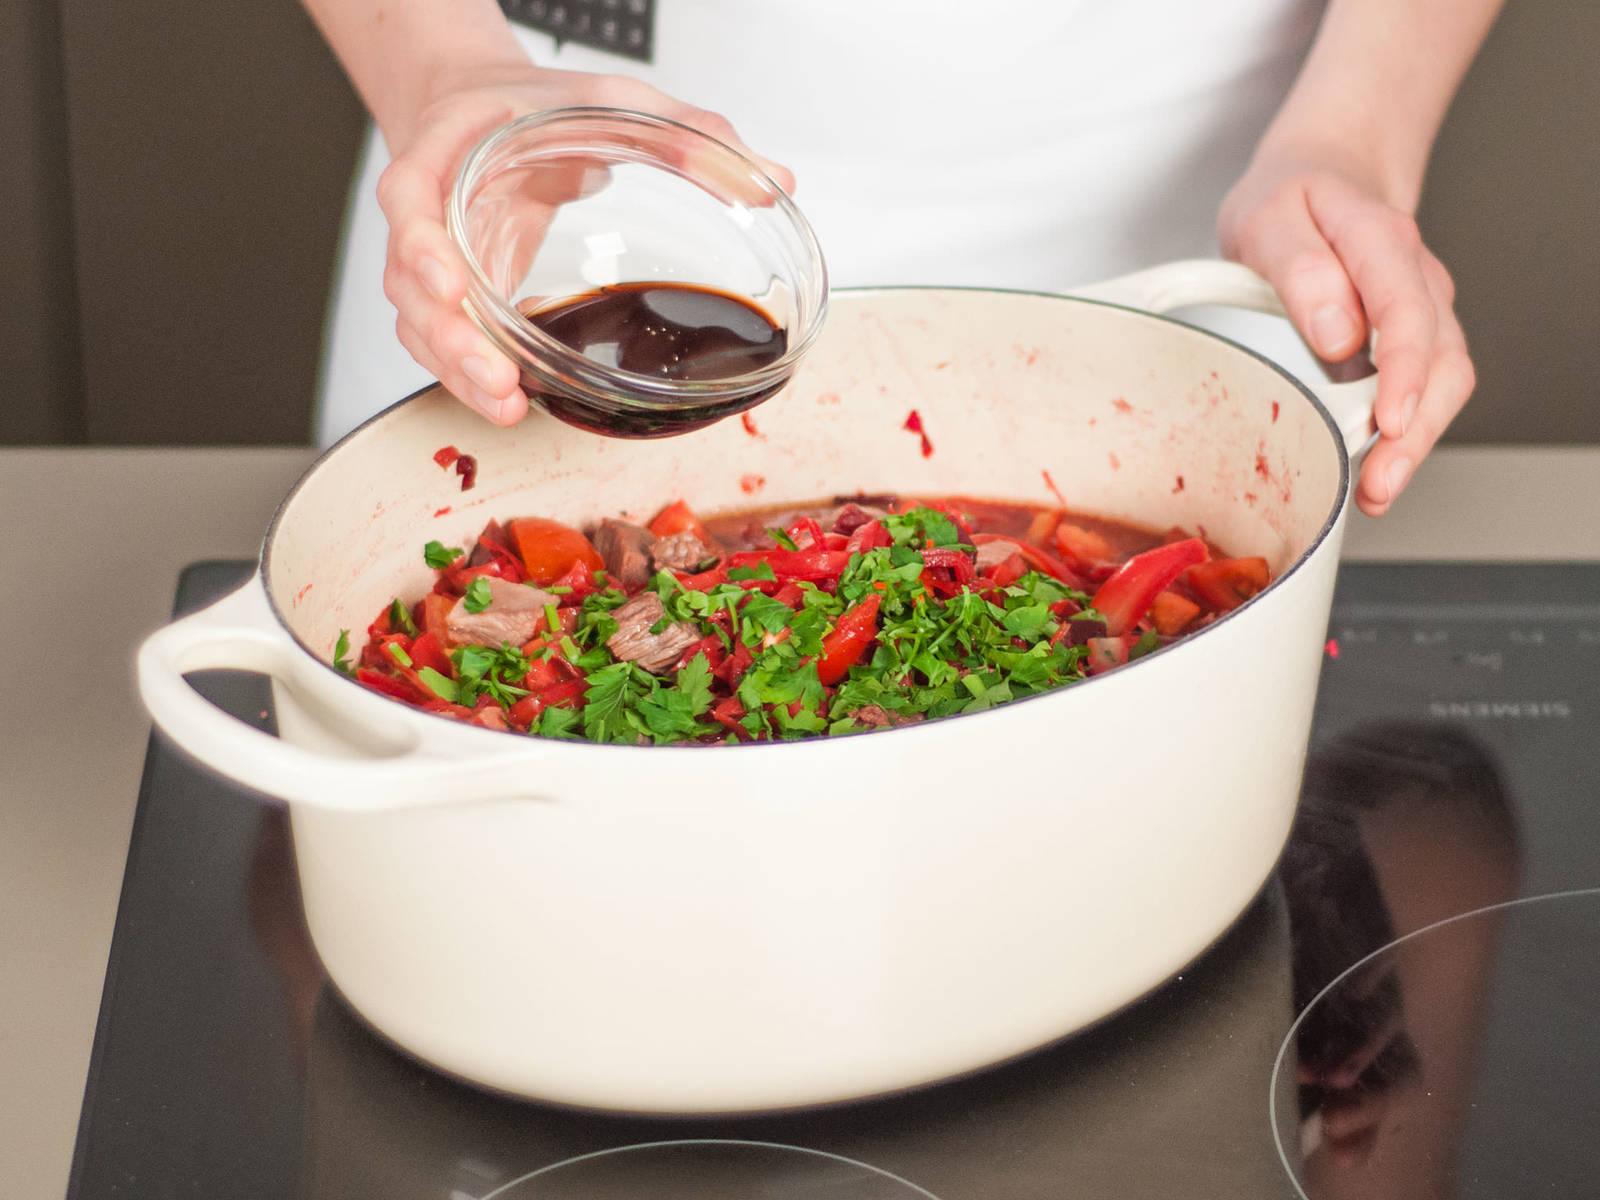 Petersilie und Rotweinessig hinzufügen und gut vermengen. Nach Wunsch mit saurer Sahne serviert genießen.